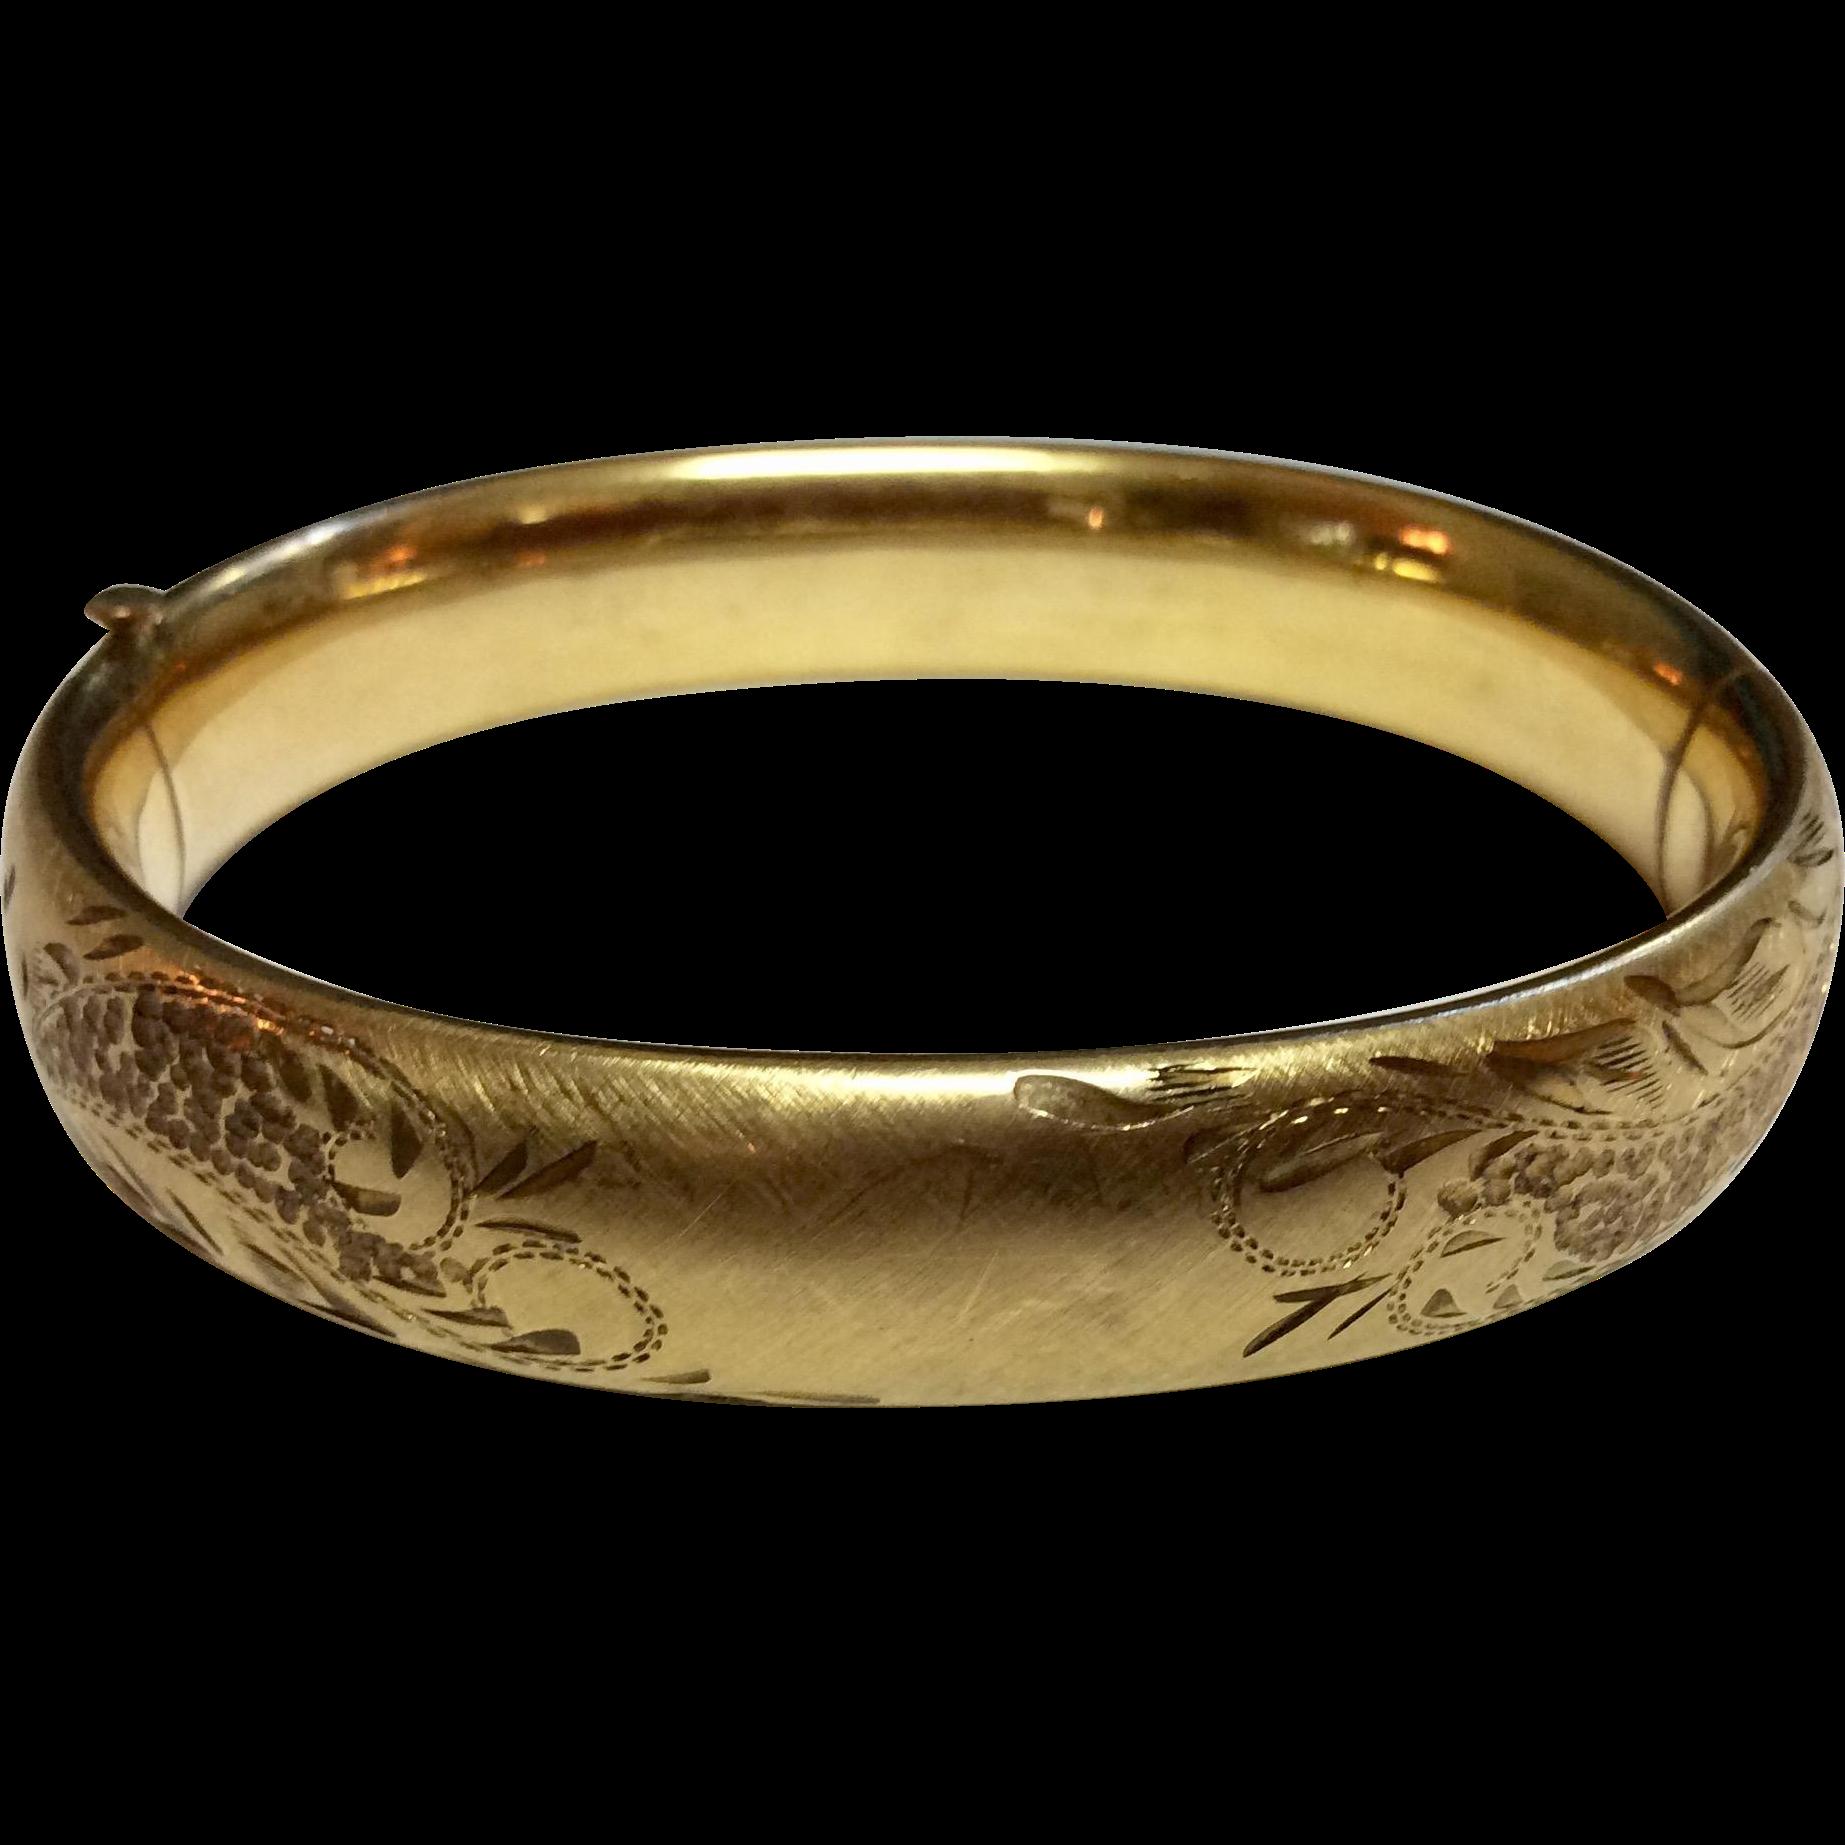 Vintage Gold Filled Satin Finish Hand Engraved Bangle Bracelet